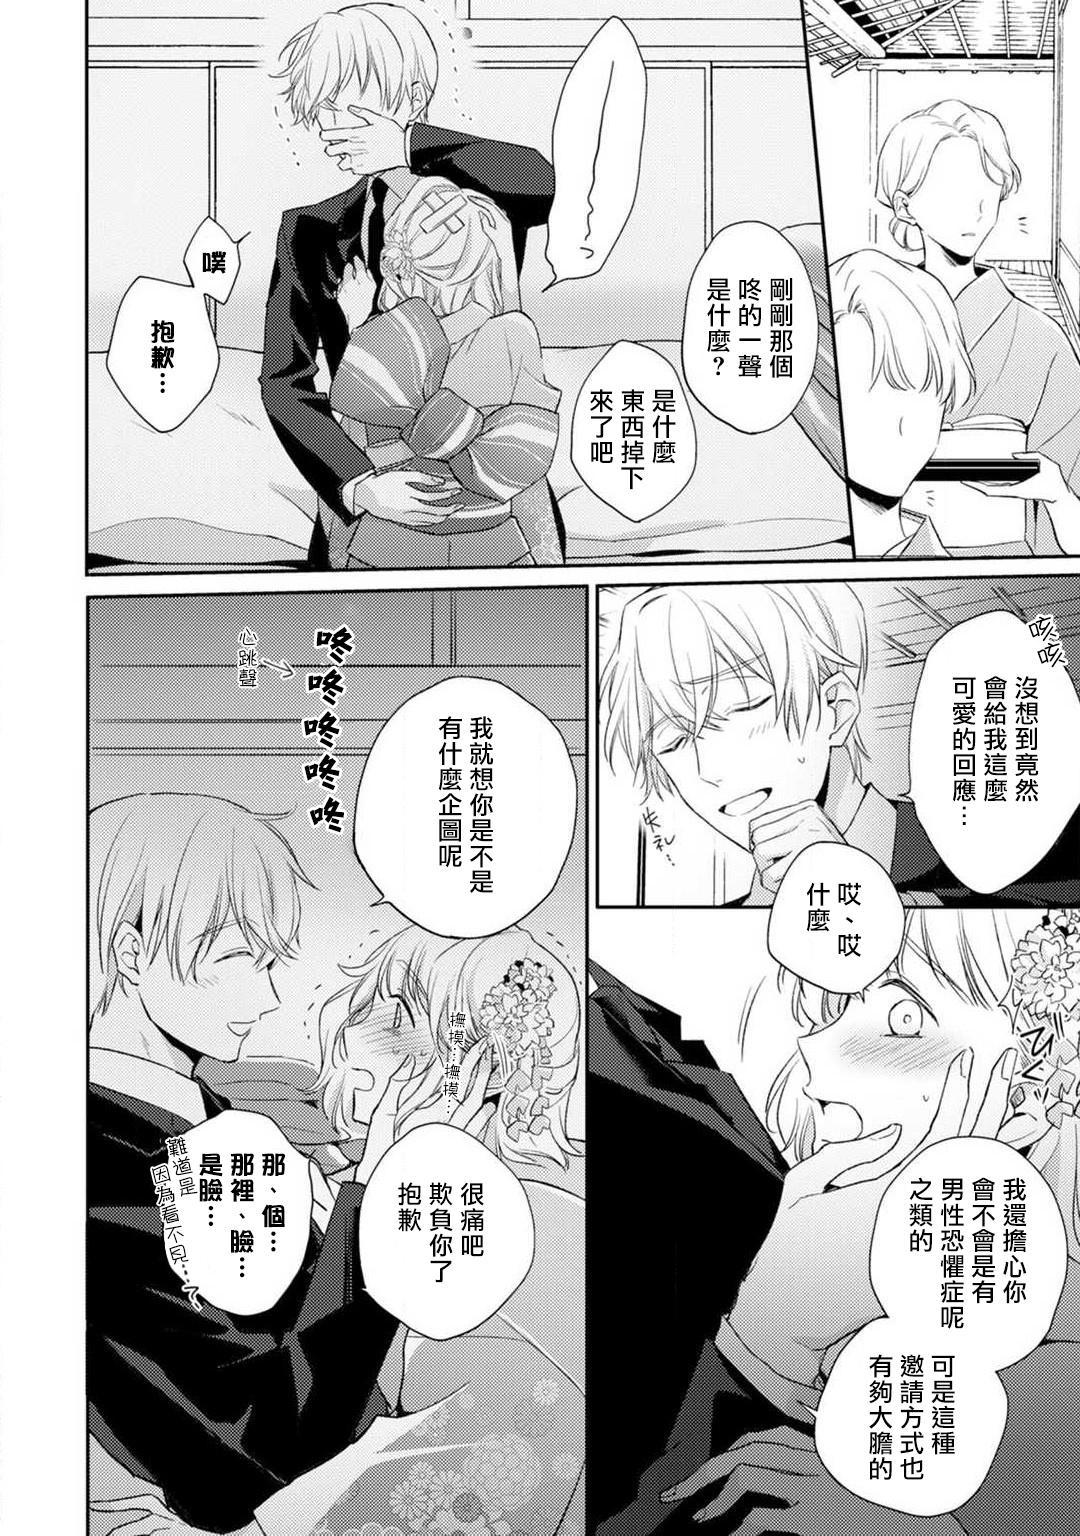 [Shichigatsu Motomi]  Sonna Kao shite, Sasotteru? ~Dekiai Shachou to Migawari Omiaikekkon!?~ 1-7 | 這種表情,在誘惑我嗎?~溺愛社長和替身相親結婚!? act.1 [Chinese] [拾荒者汉化组] 16